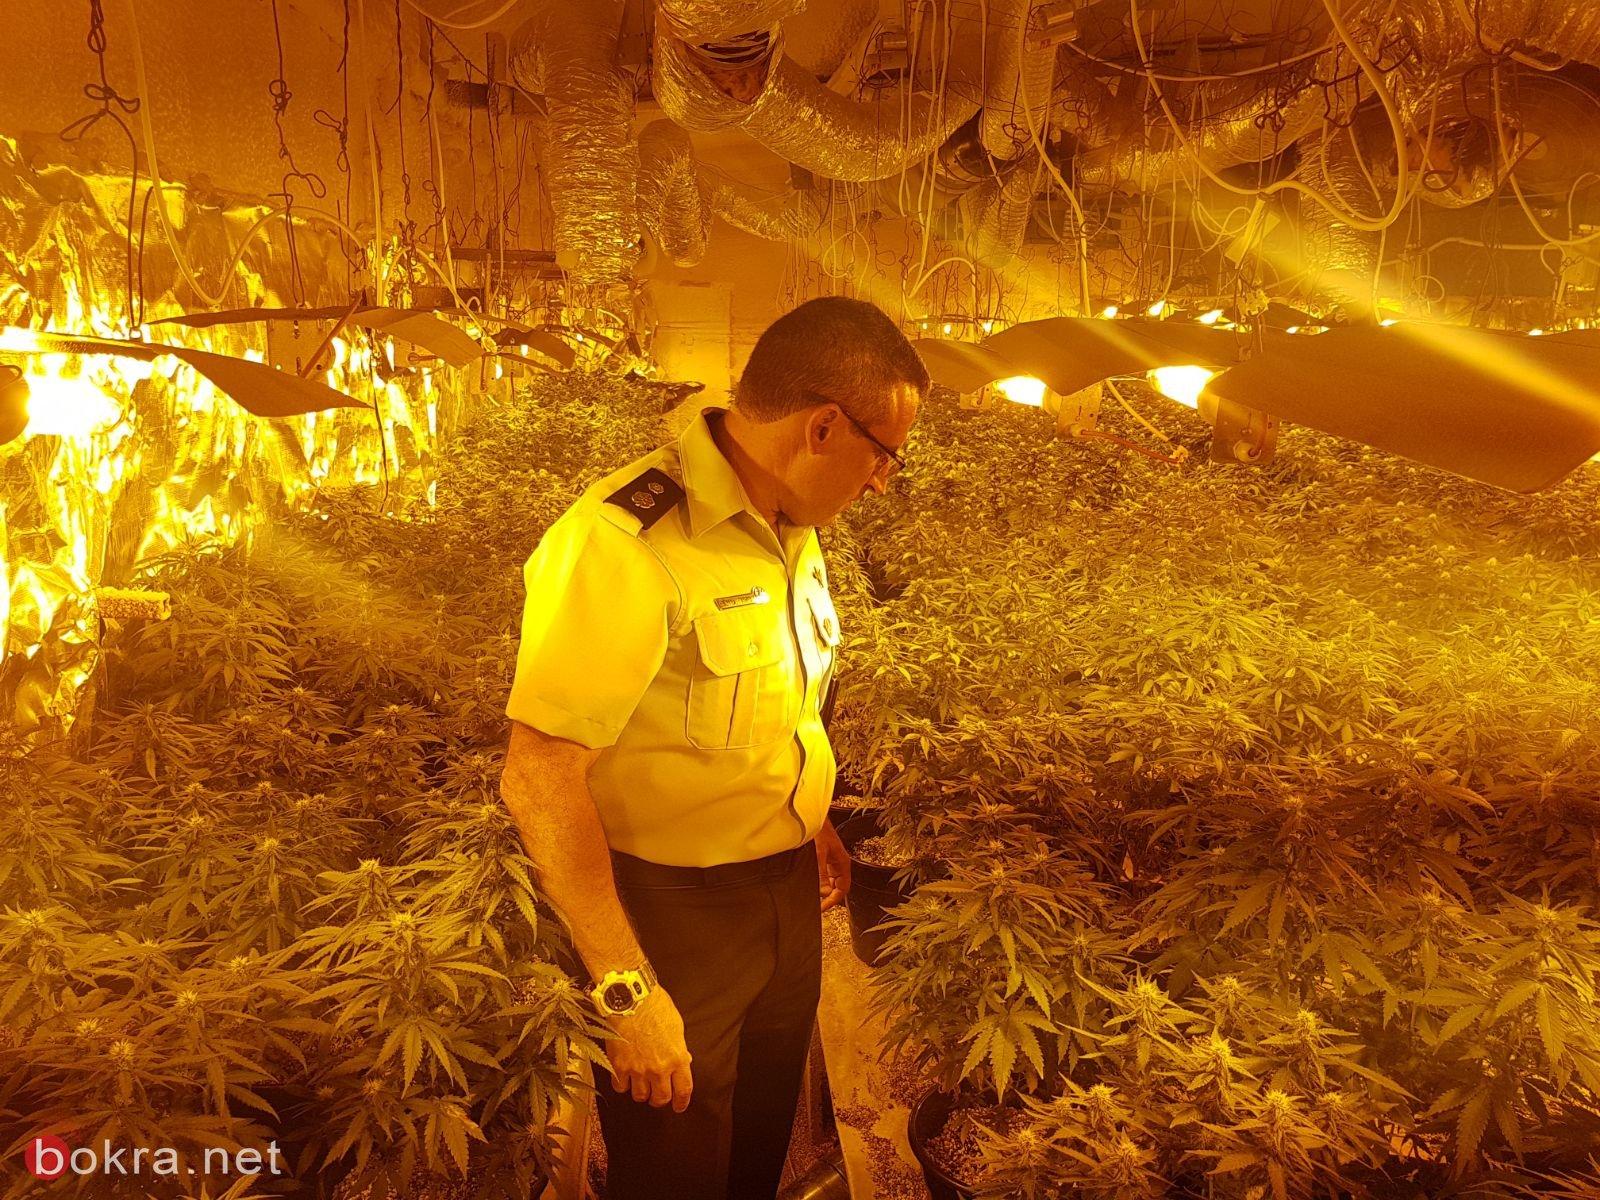 الشرطة تضبط 50 كغم من المريحوانة و1000 نبتة مخدرة لمشتبهين من عكا